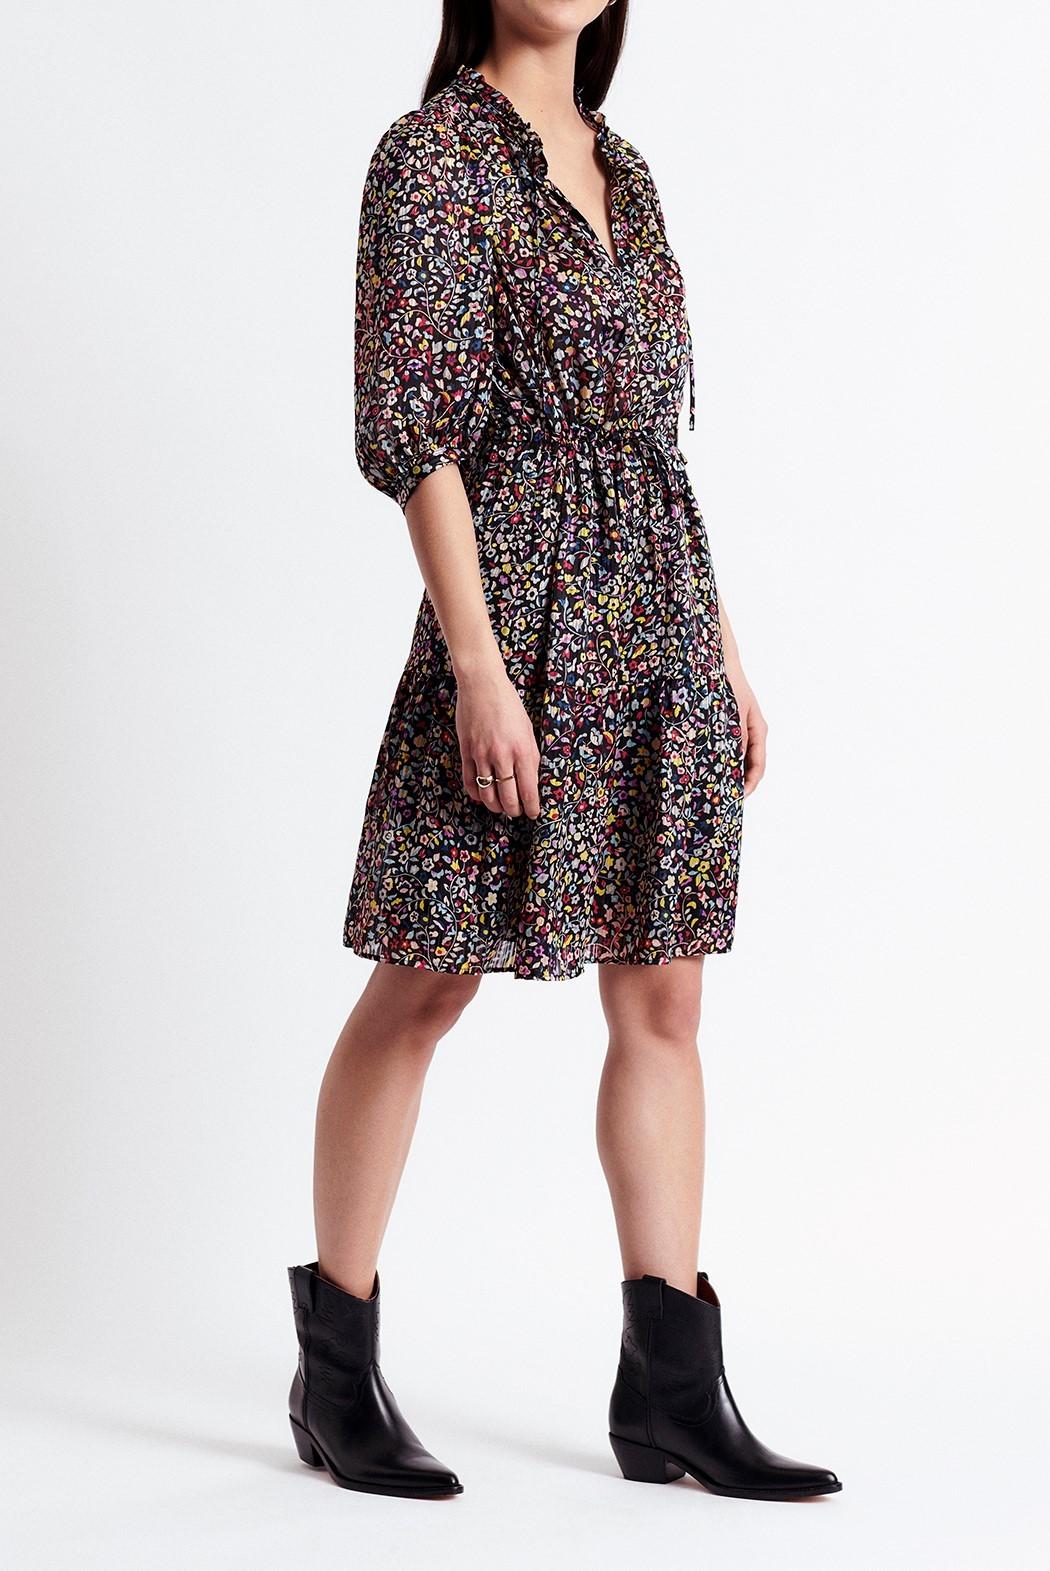 SAVERIA - Платье